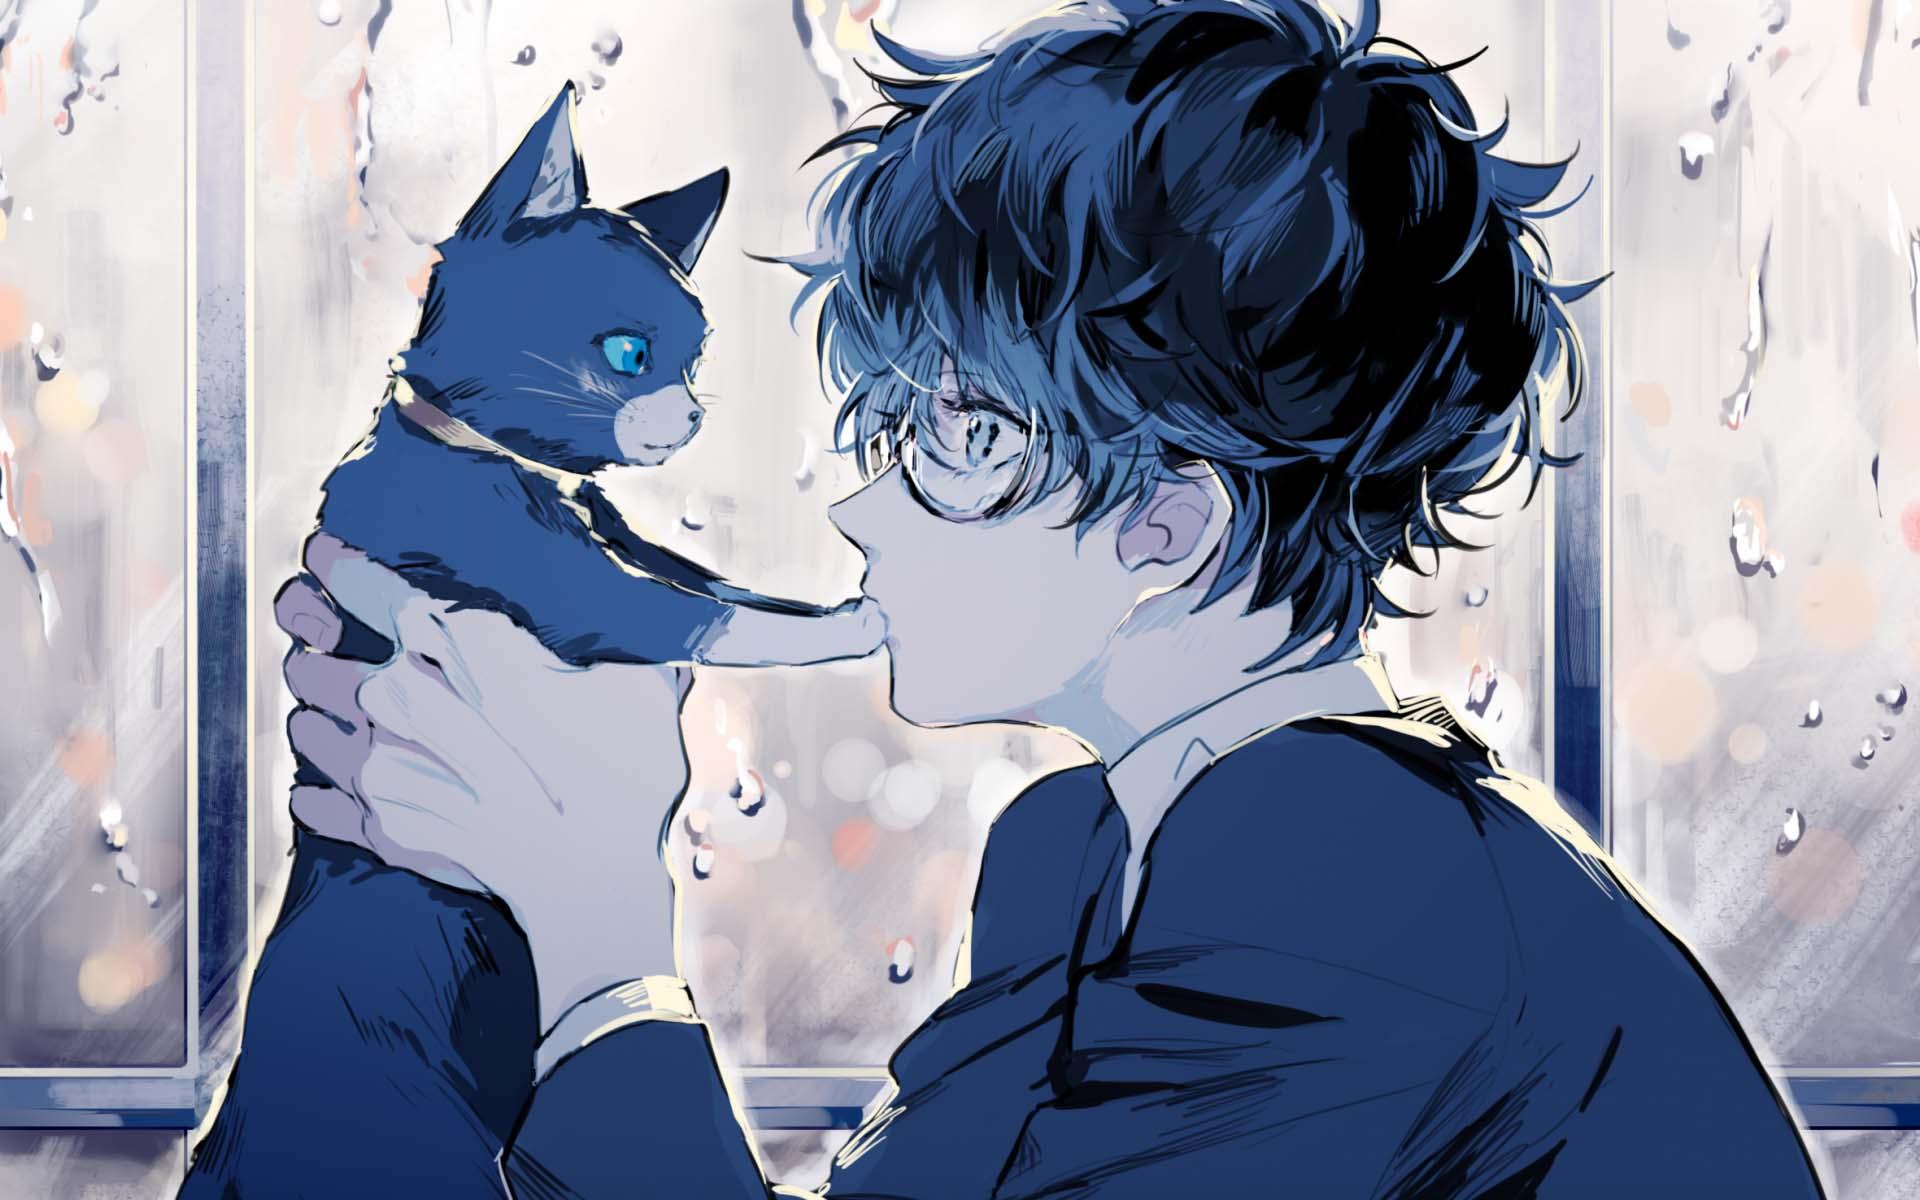 hình ảnh anime boy buồn, cô đơn 21